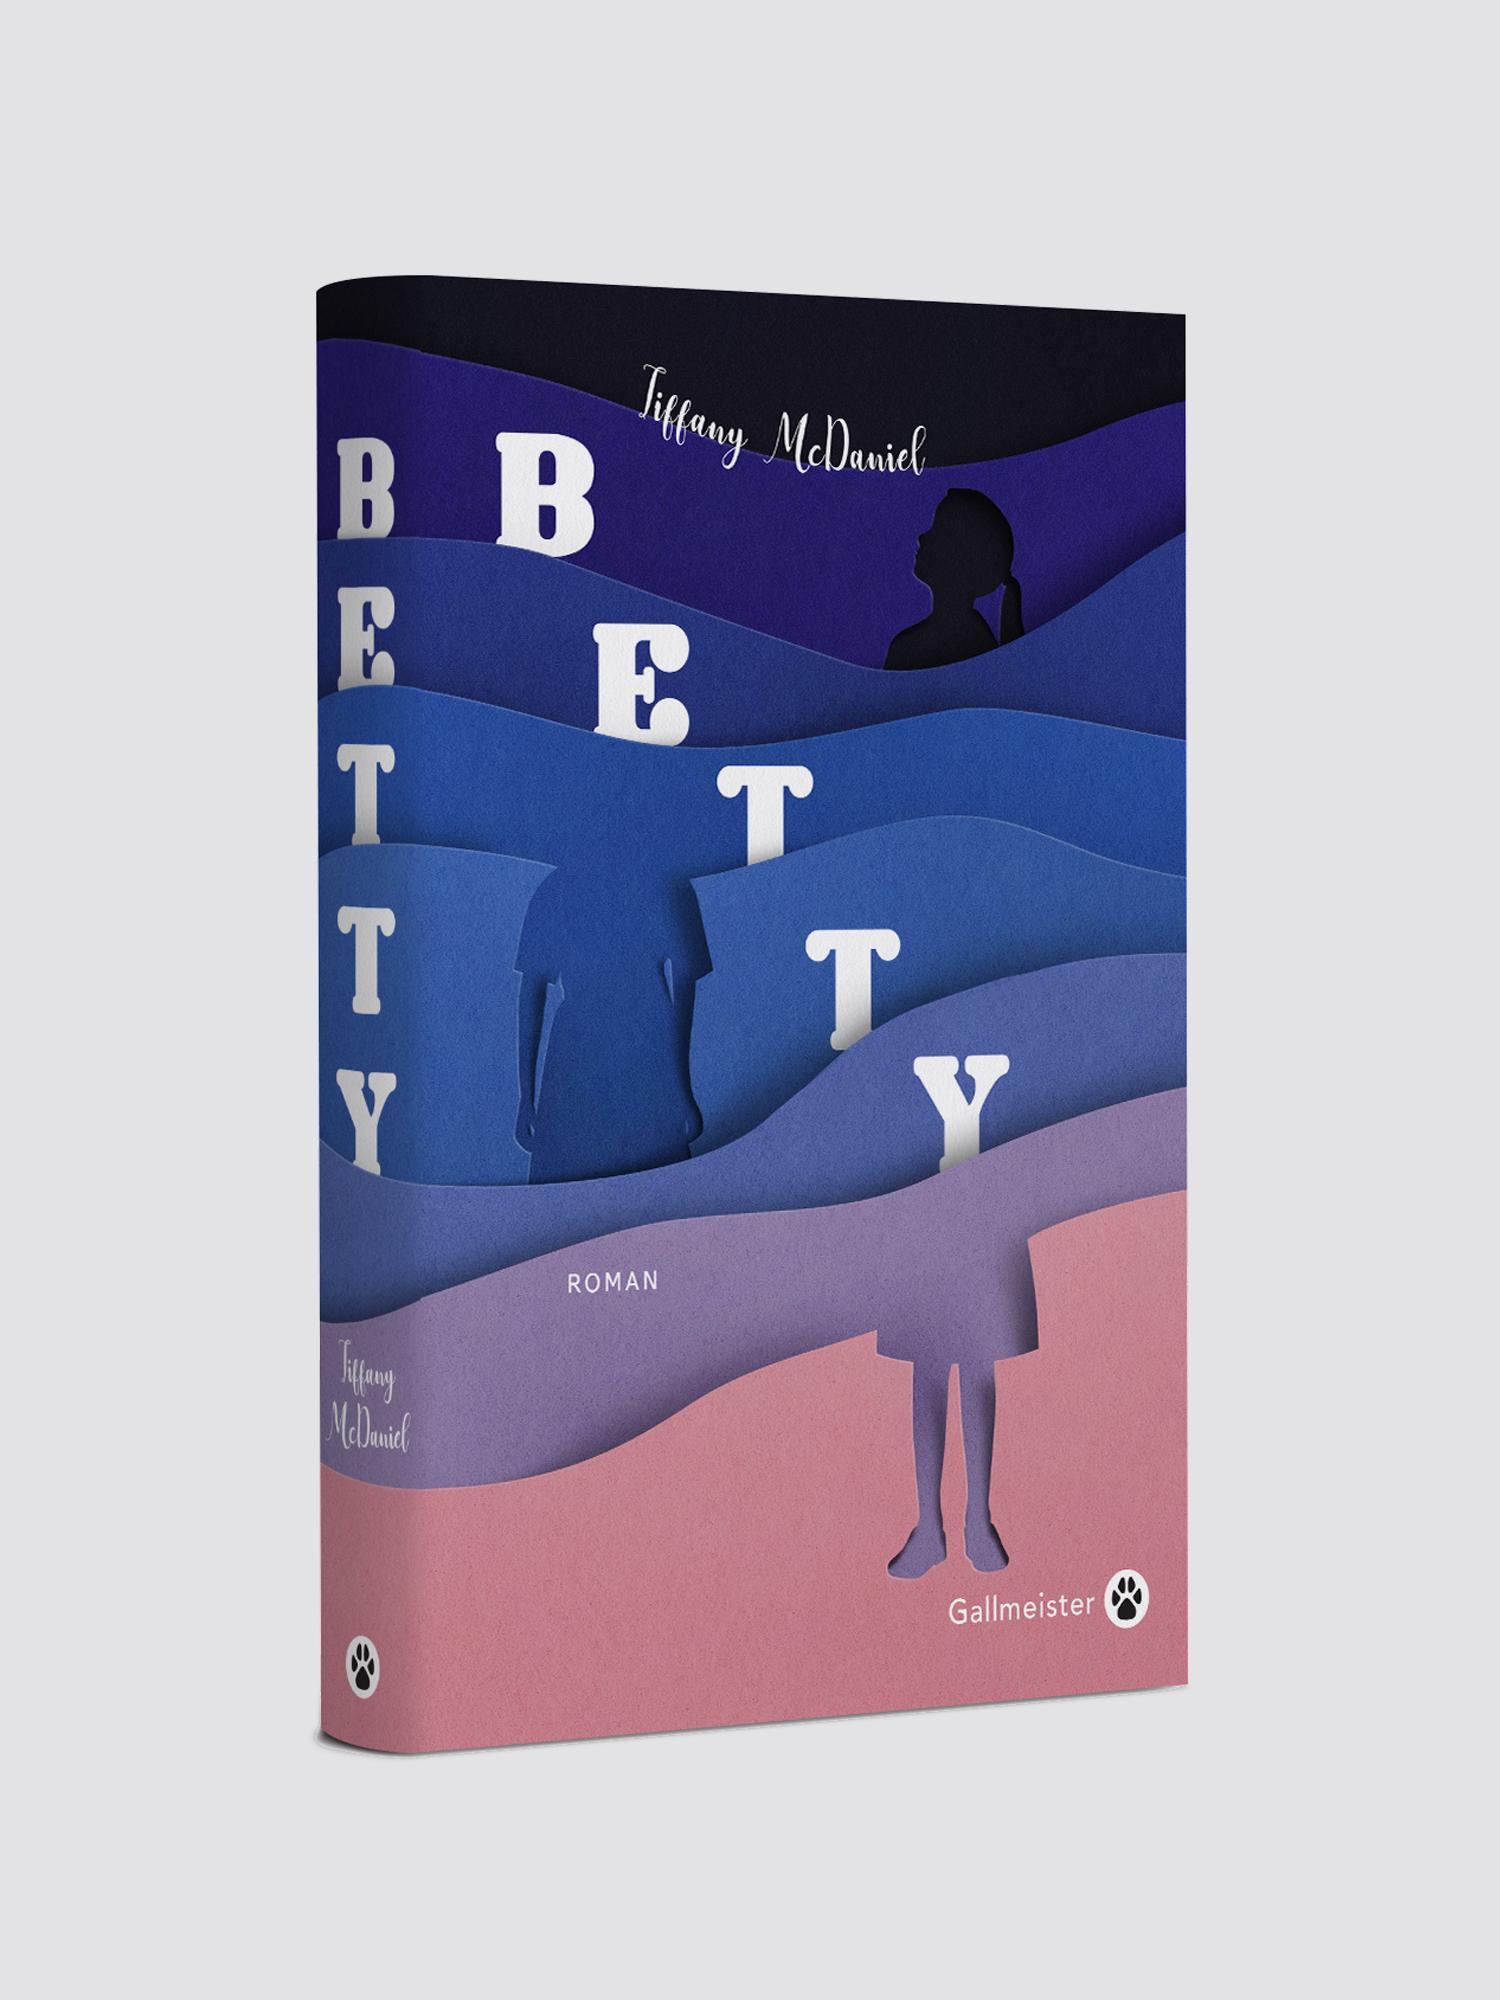 betty,gallmeister,tiffanymcdaniels,aurelie bert,edition